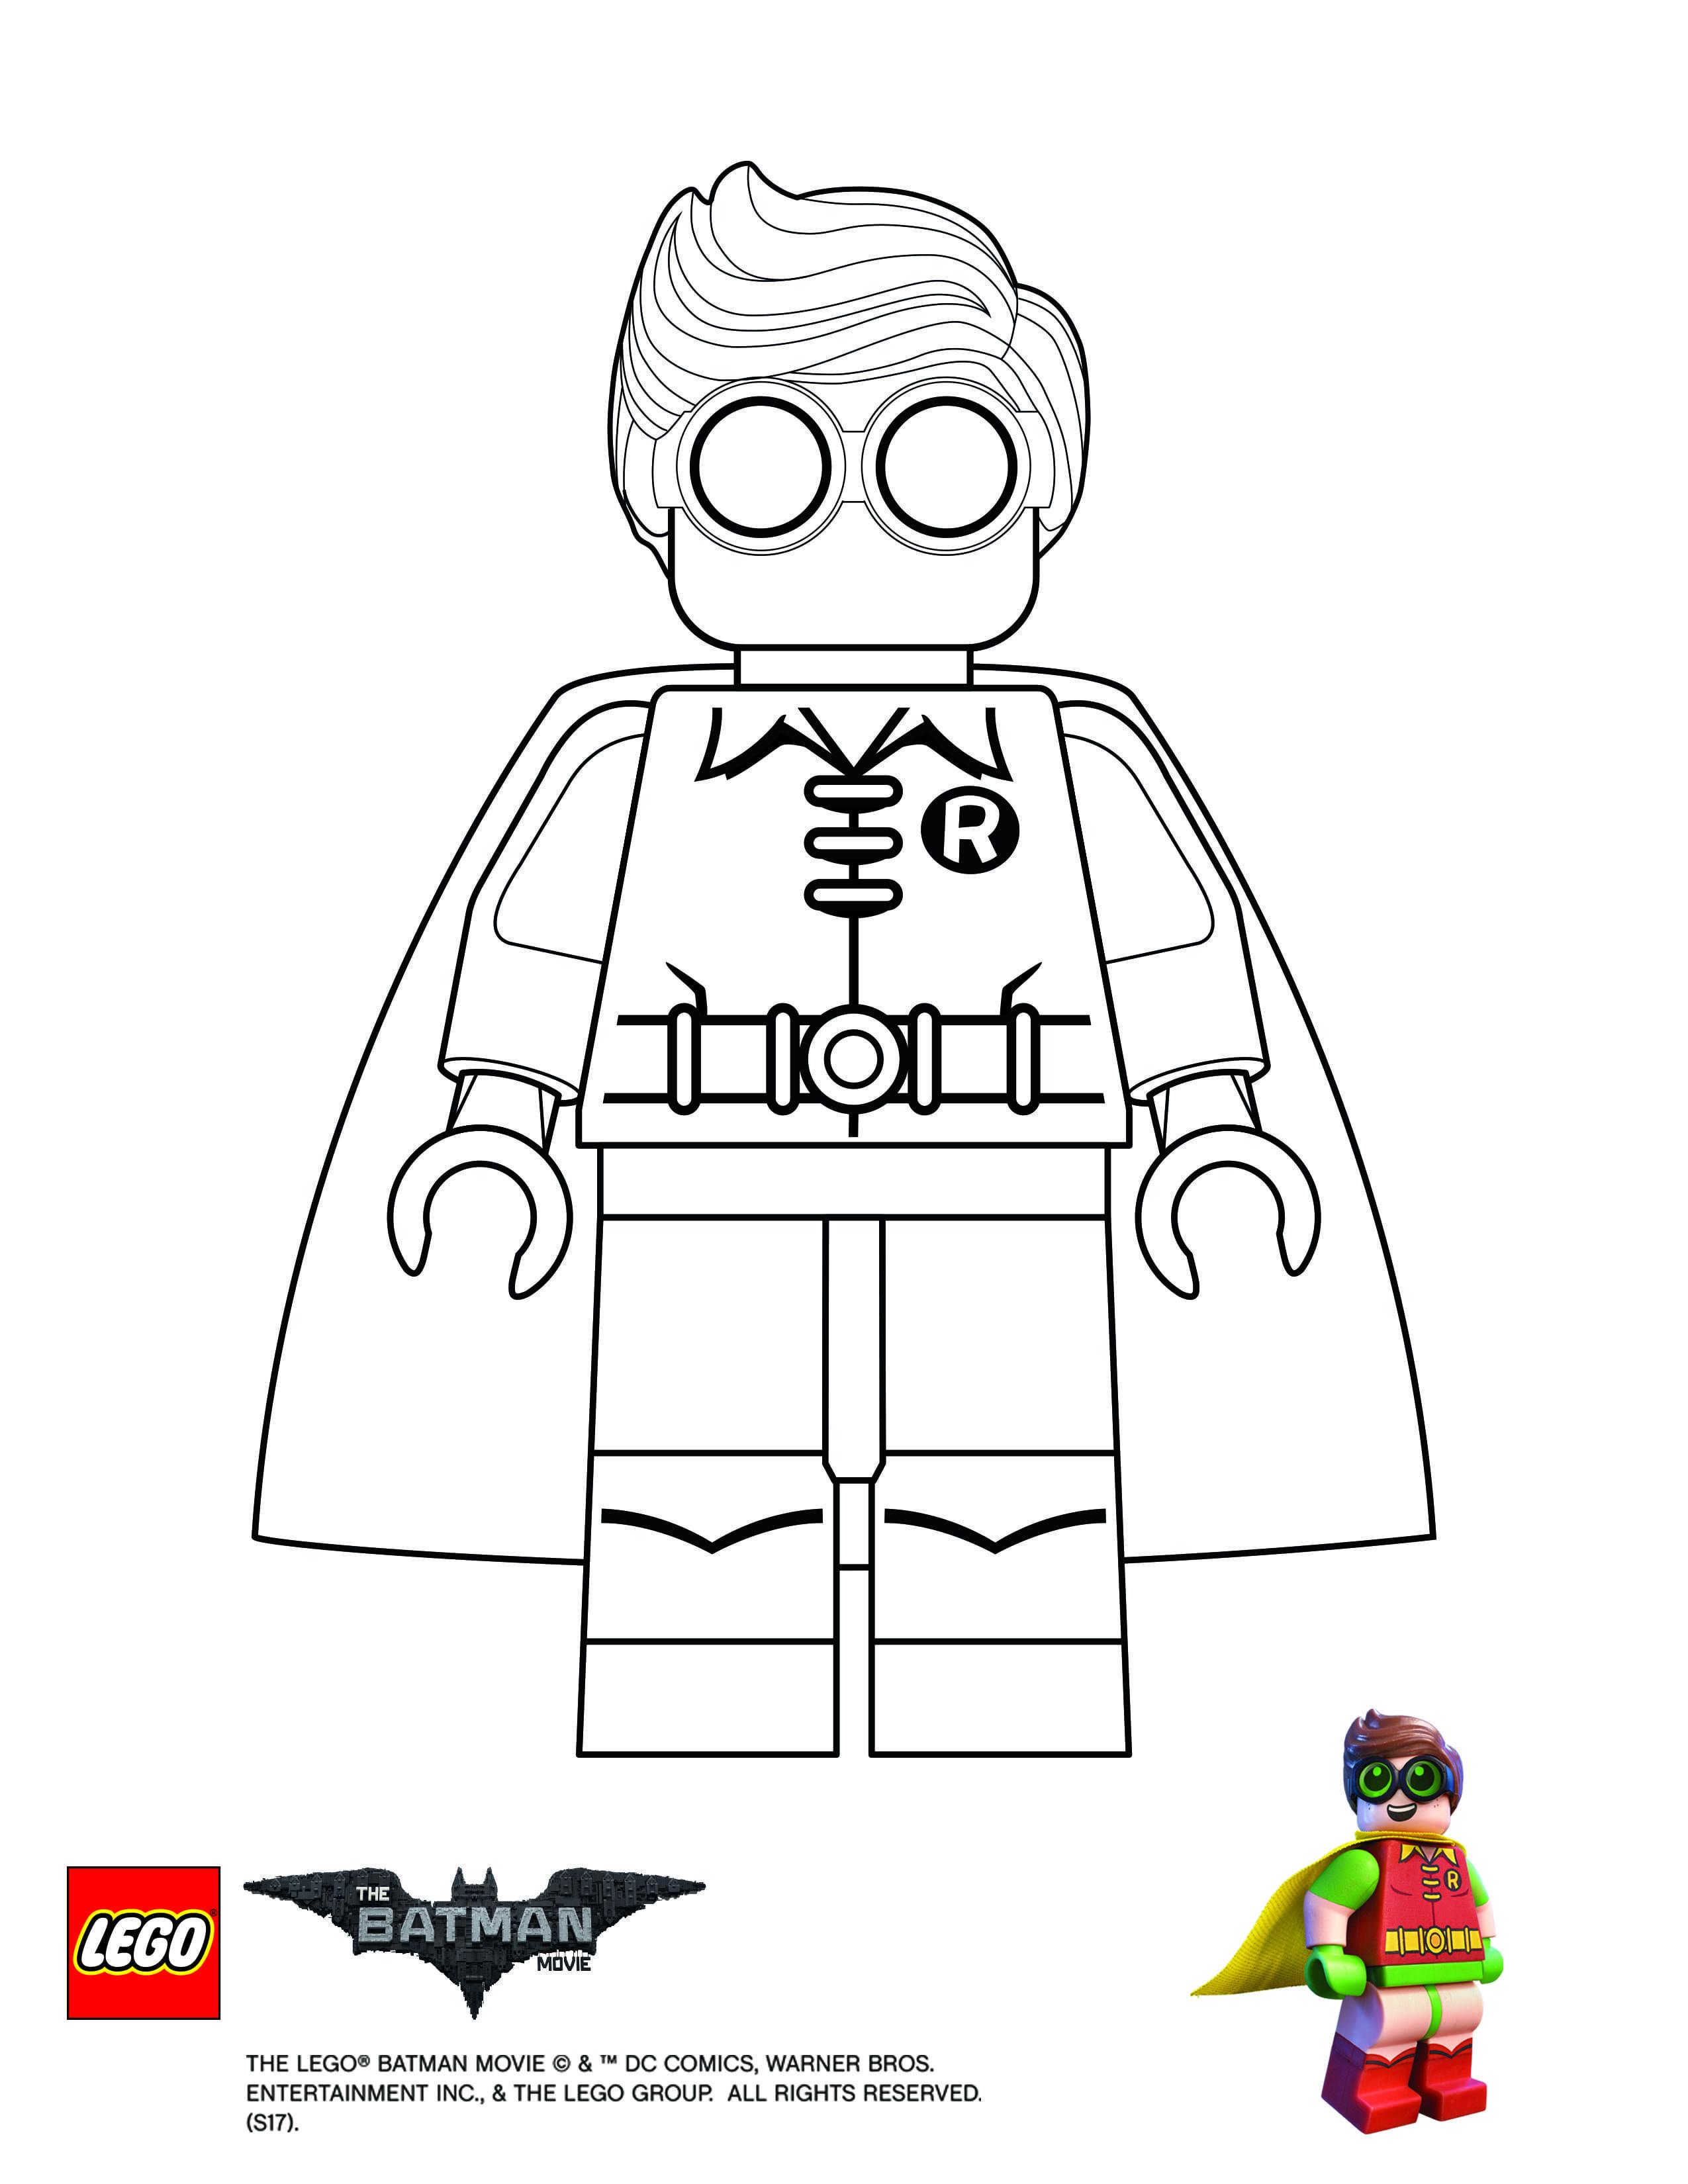 Lego Batman Movie Robin Coloring Page Superhero Coloring Pages Batman Coloring Pages Superhero Coloring